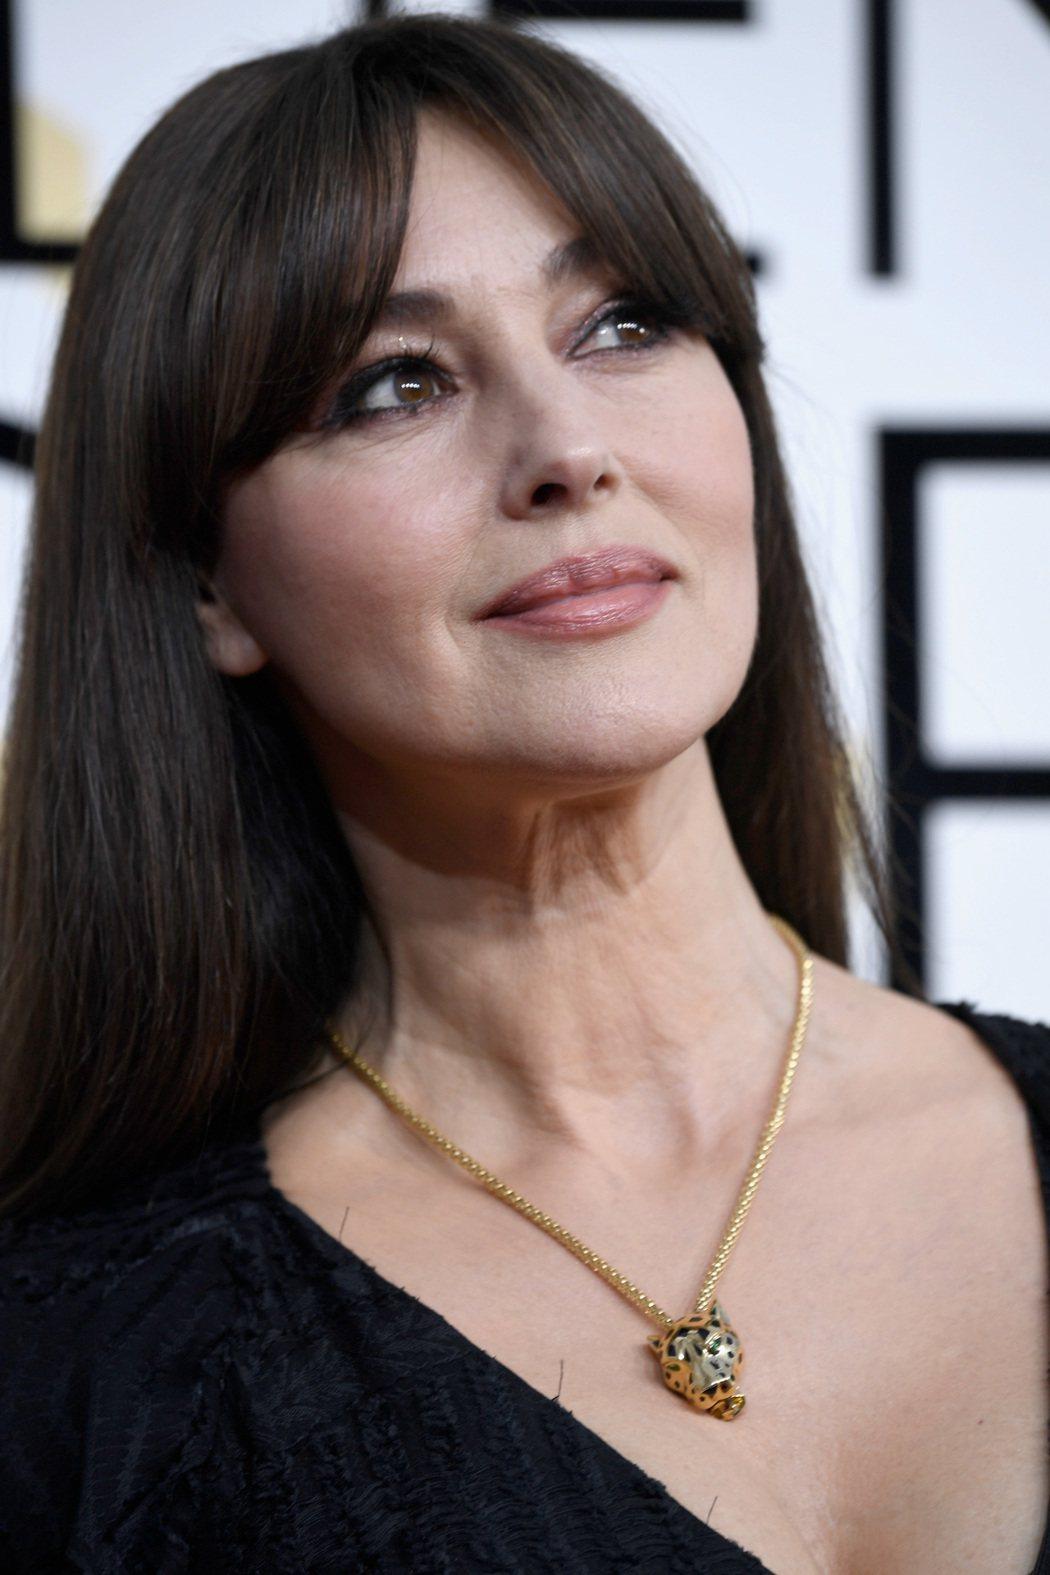 義大利女星莫妮卡貝魯奇配戴卡地亞珠寶出席金球頒獎典禮。圖/卡地亞提供